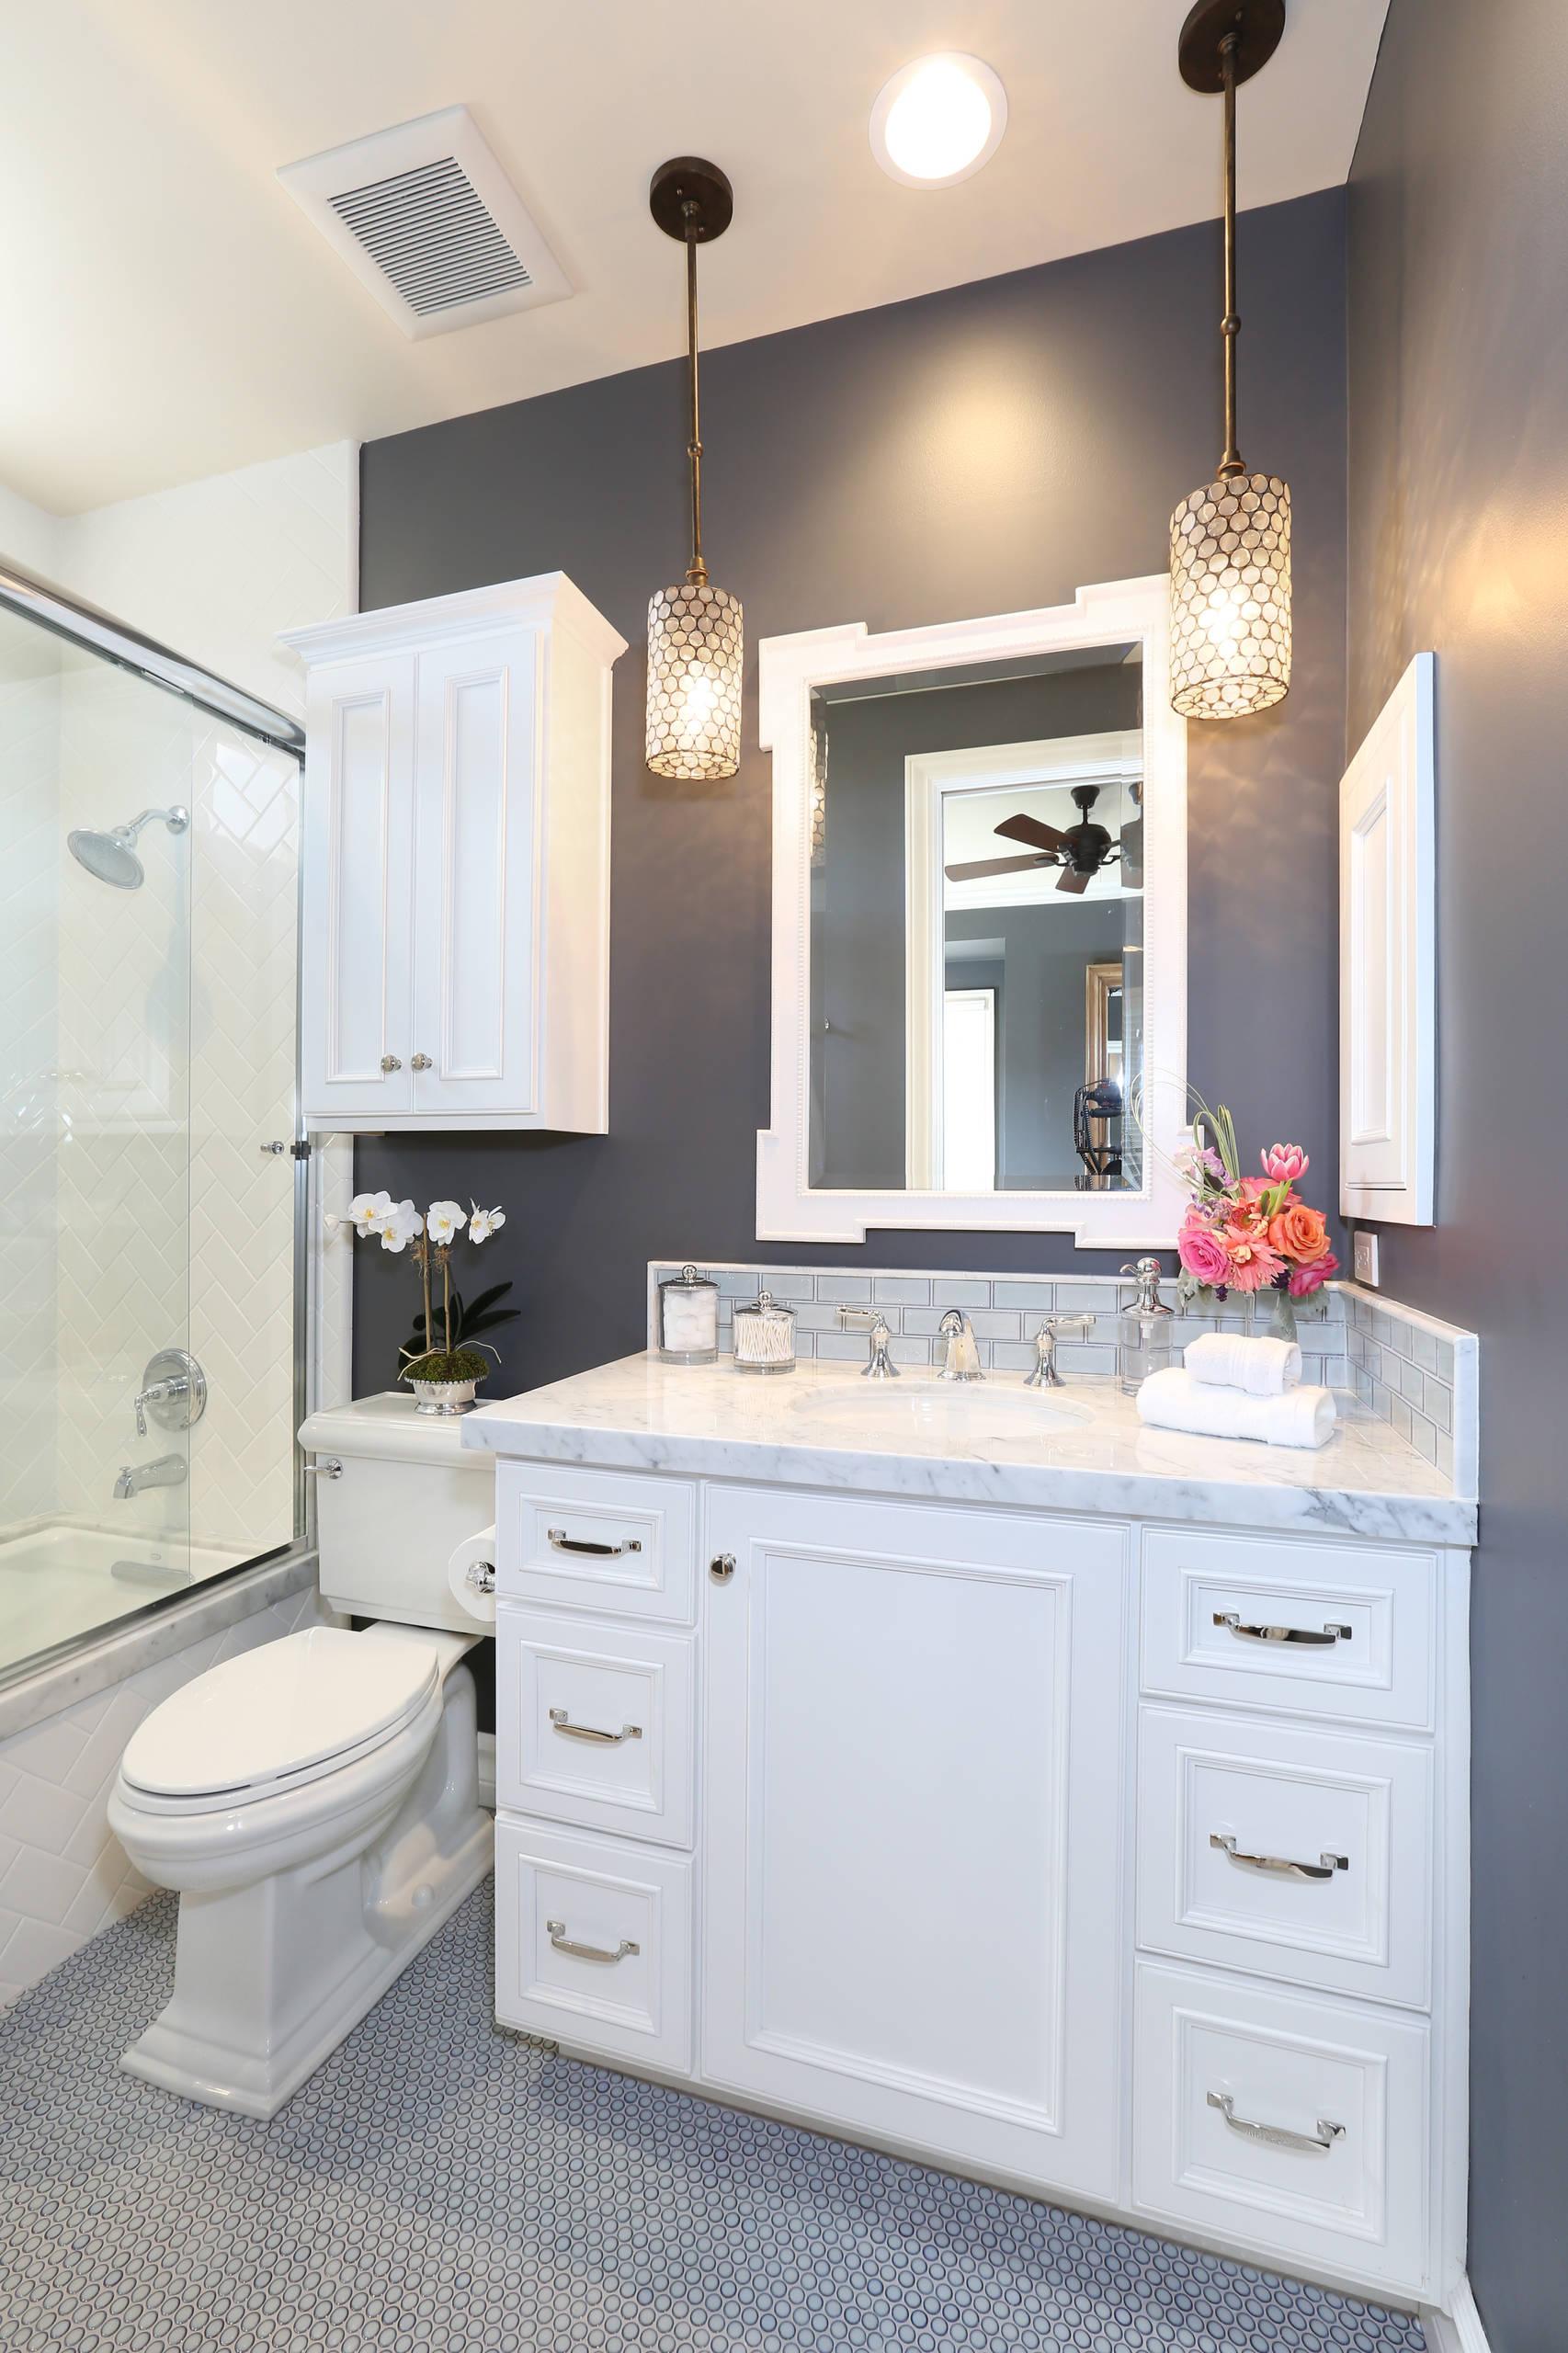 شبكة اتصال التقديم المستعمل bathroom lighting ideas for small bathrooms